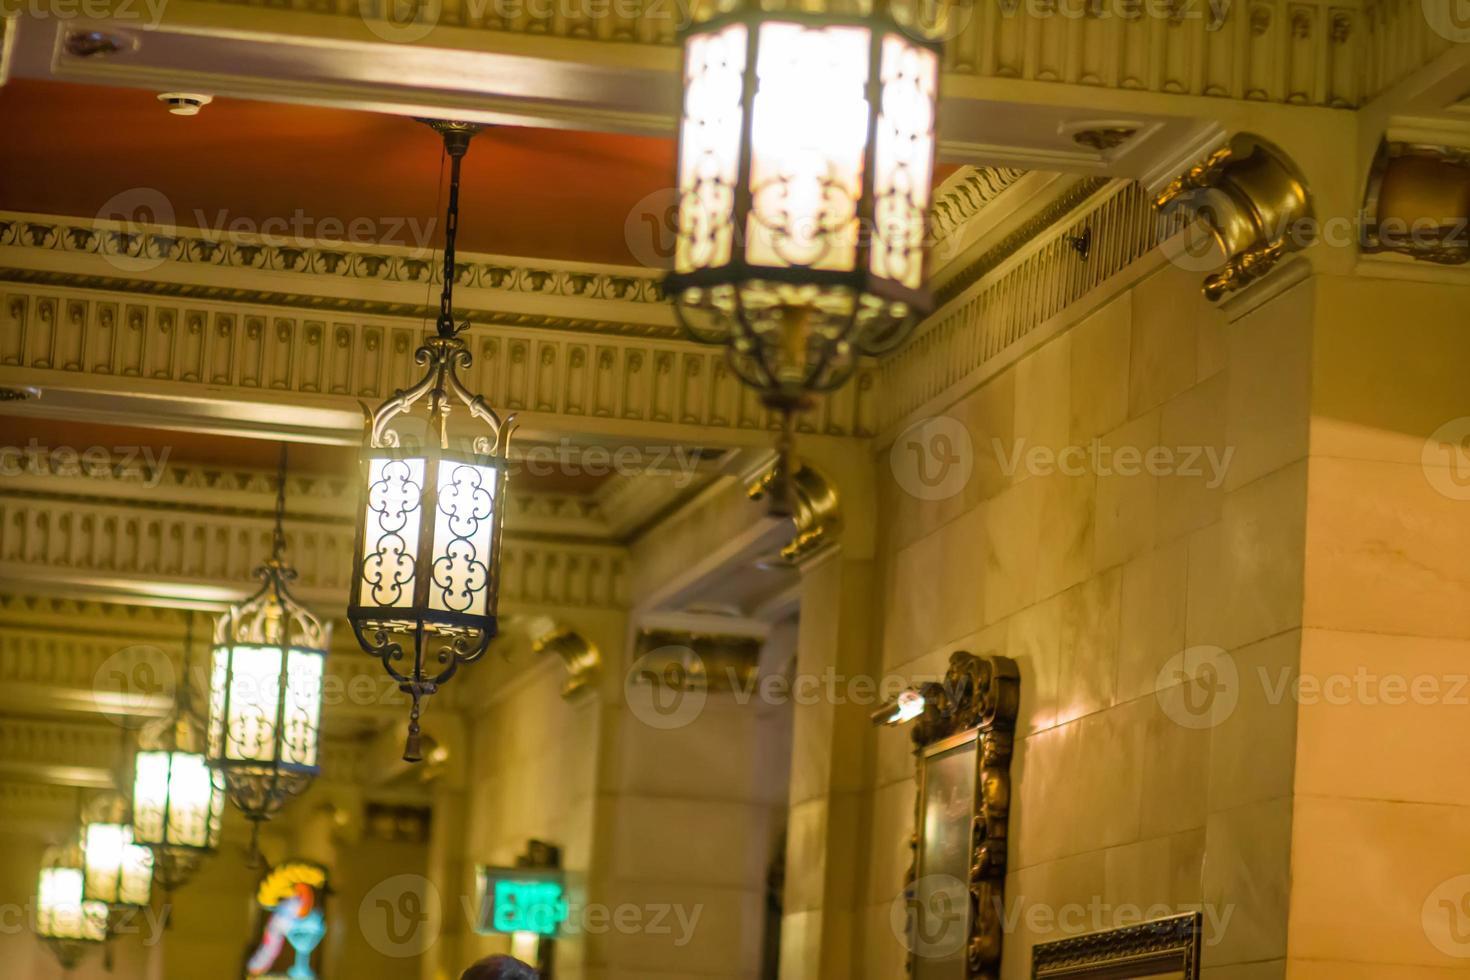 intérieur du hall de l'hôtel historique de luxe photo